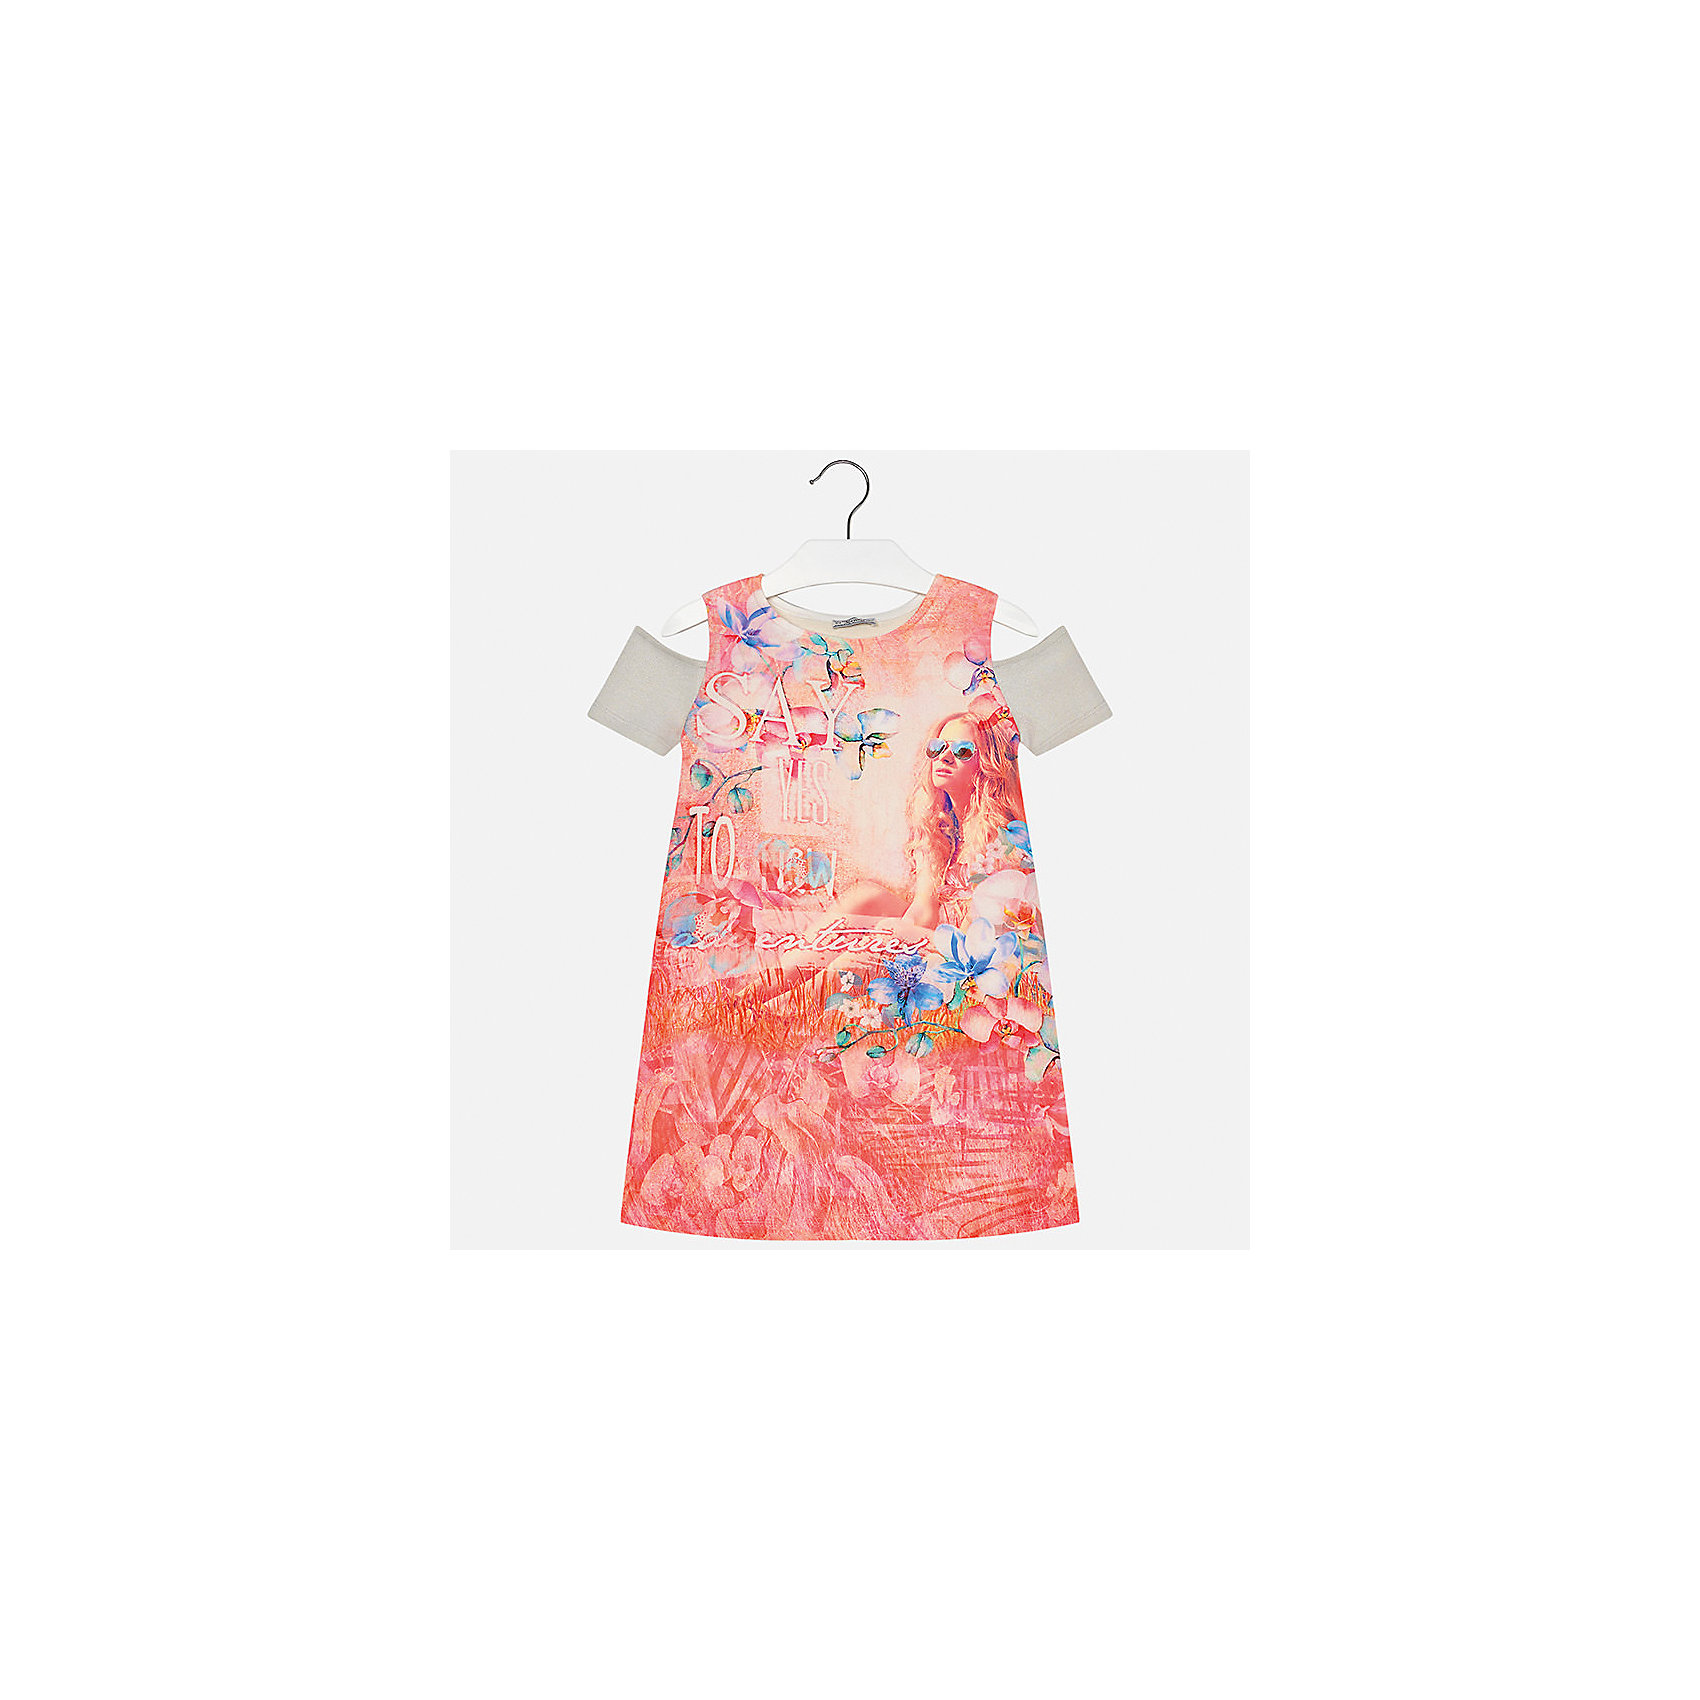 Платье для девочки MayoralПлатья и сарафаны<br>Характеристики товара:<br><br>• цвет: оранжевый<br>• состав: 44% вискоза, 40% полиэстер, 10% металлизированная нить, 6% хлопок<br>• без застежки<br>• открытые плечи<br>• короткие рукава<br>• декорировано принтом<br>• страна бренда: Испания<br><br>Модное платье для девочки поможет разнообразить гардероб ребенка и создать эффектный наряд. Оно подойдет для различных случаев. Красивый оттенок позволяет подобрать к вещи обувь разных расцветок. Платье хорошо сидит по фигуре. <br><br>Платье для девочки от испанского бренда Mayoral (Майорал) можно купить в нашем интернет-магазине.<br><br>Ширина мм: 236<br>Глубина мм: 16<br>Высота мм: 184<br>Вес г: 177<br>Цвет: розовый<br>Возраст от месяцев: 84<br>Возраст до месяцев: 96<br>Пол: Женский<br>Возраст: Детский<br>Размер: 128/134,170,140,152,158,164<br>SKU: 5300952